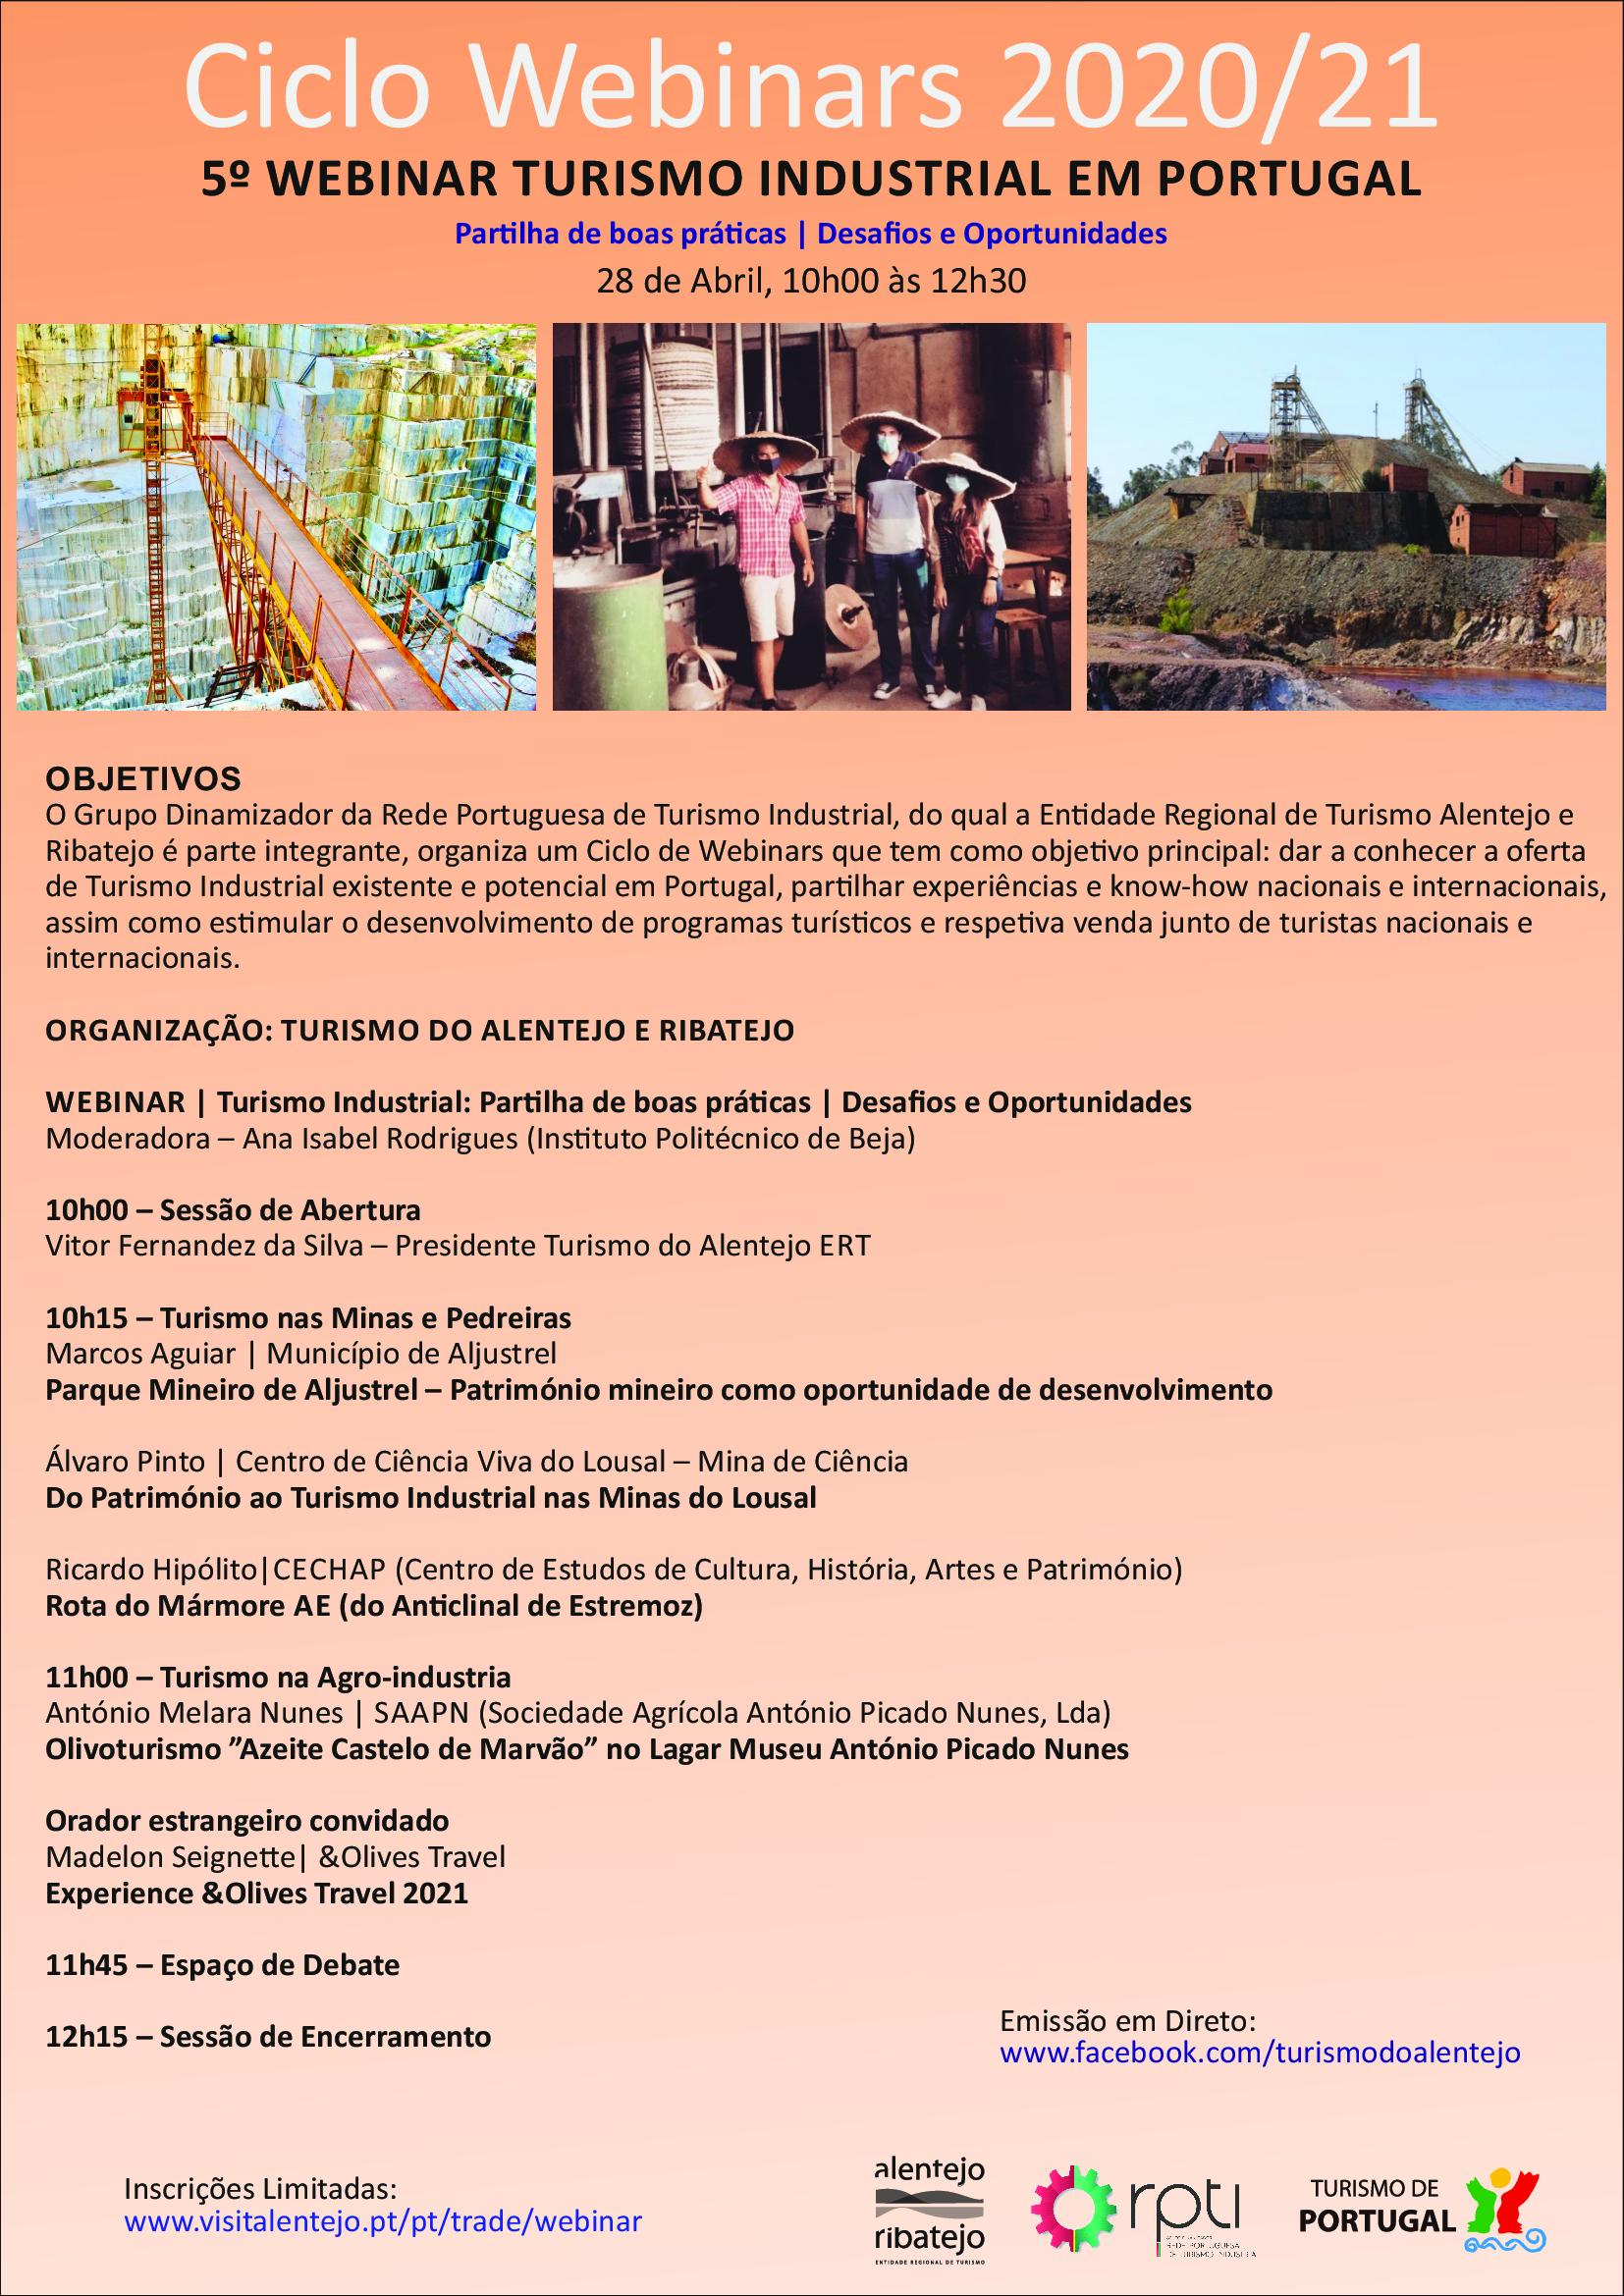 Webinar Turismo Industrial